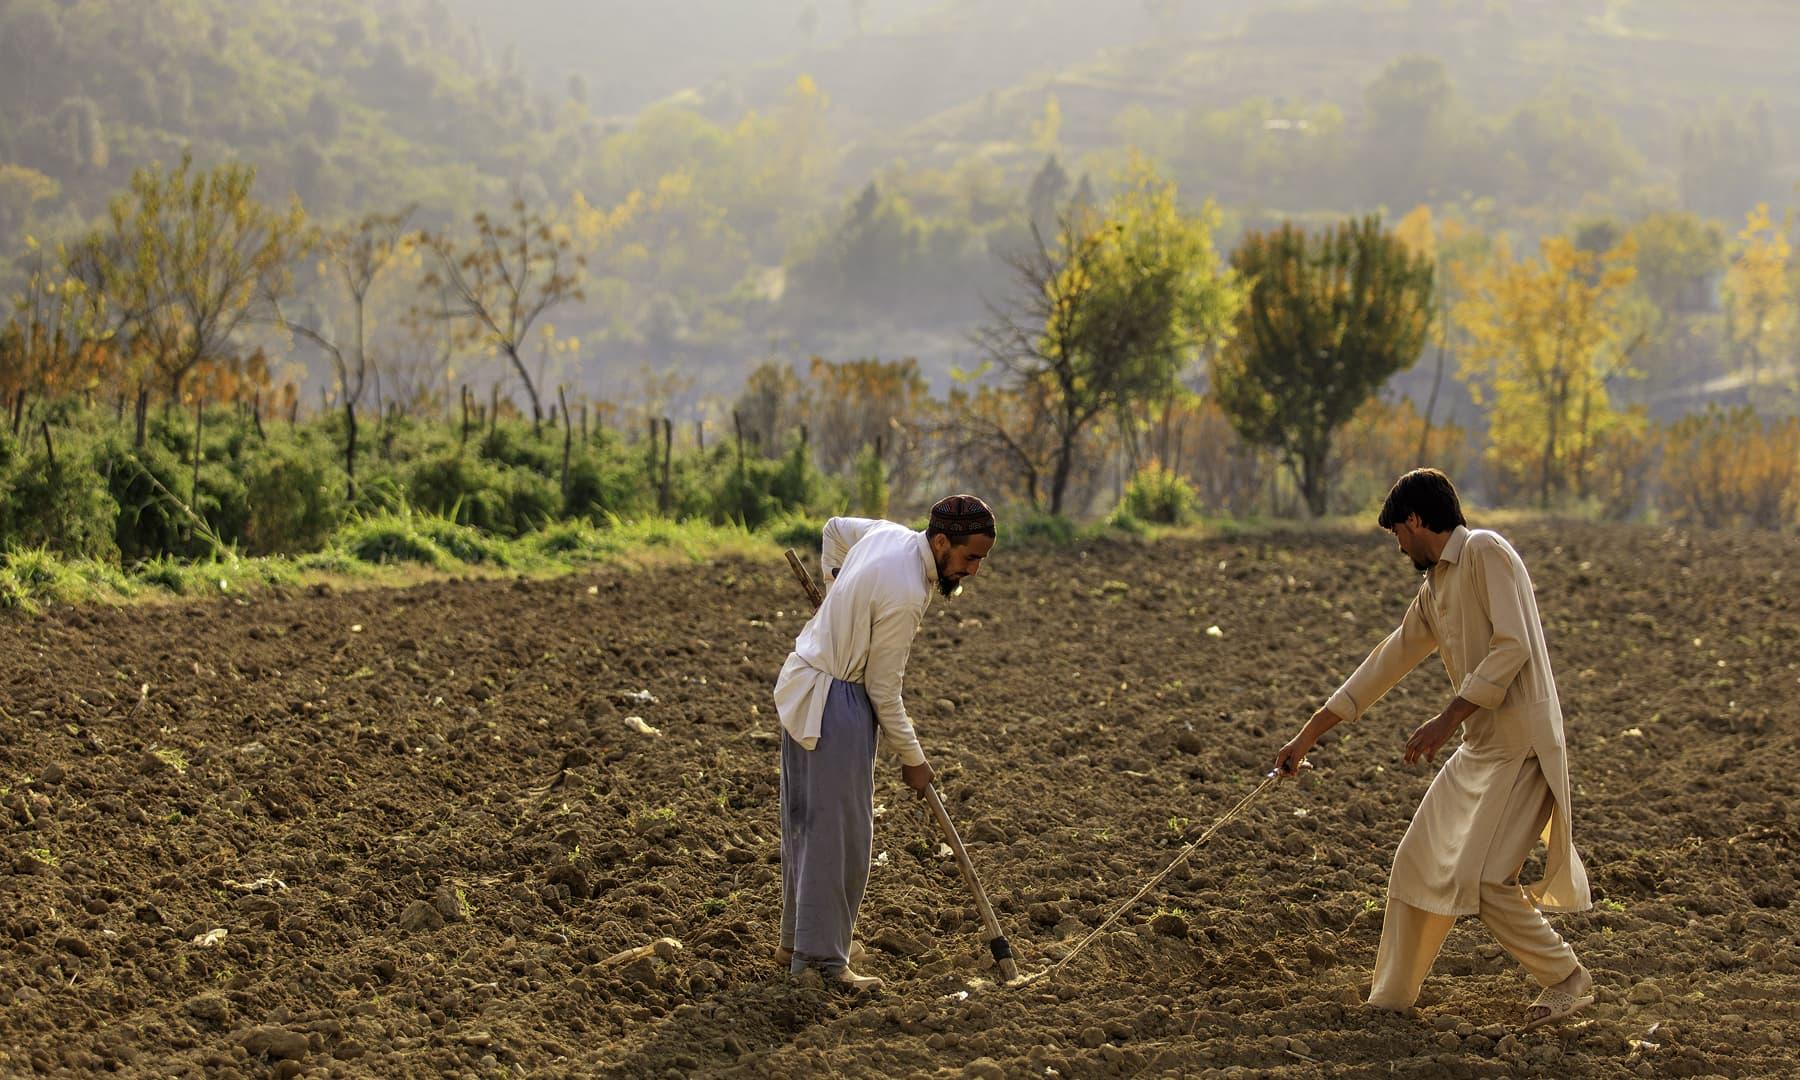 کبل، سوات. — فوٹو سید مہدی بخاری۔